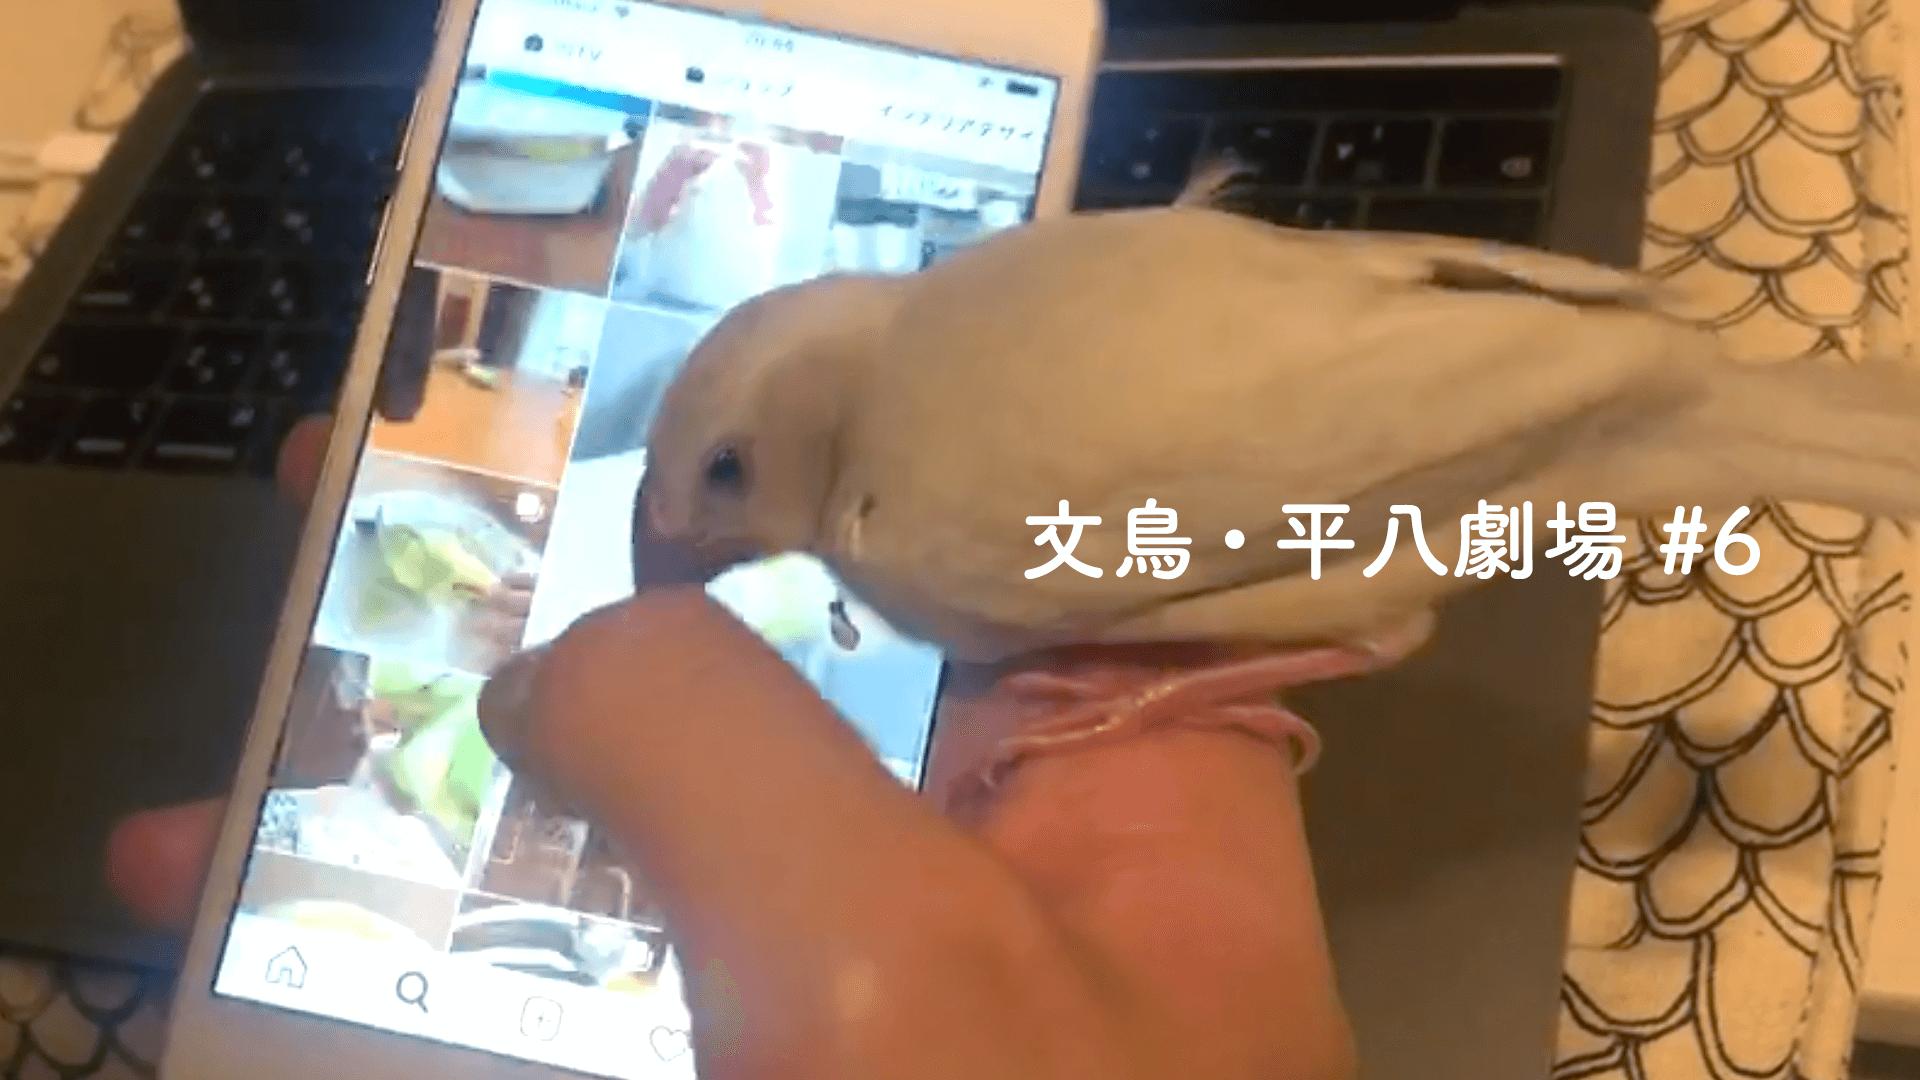 文鳥・平八劇場#6 スマホ操作の邪魔をする平八さん